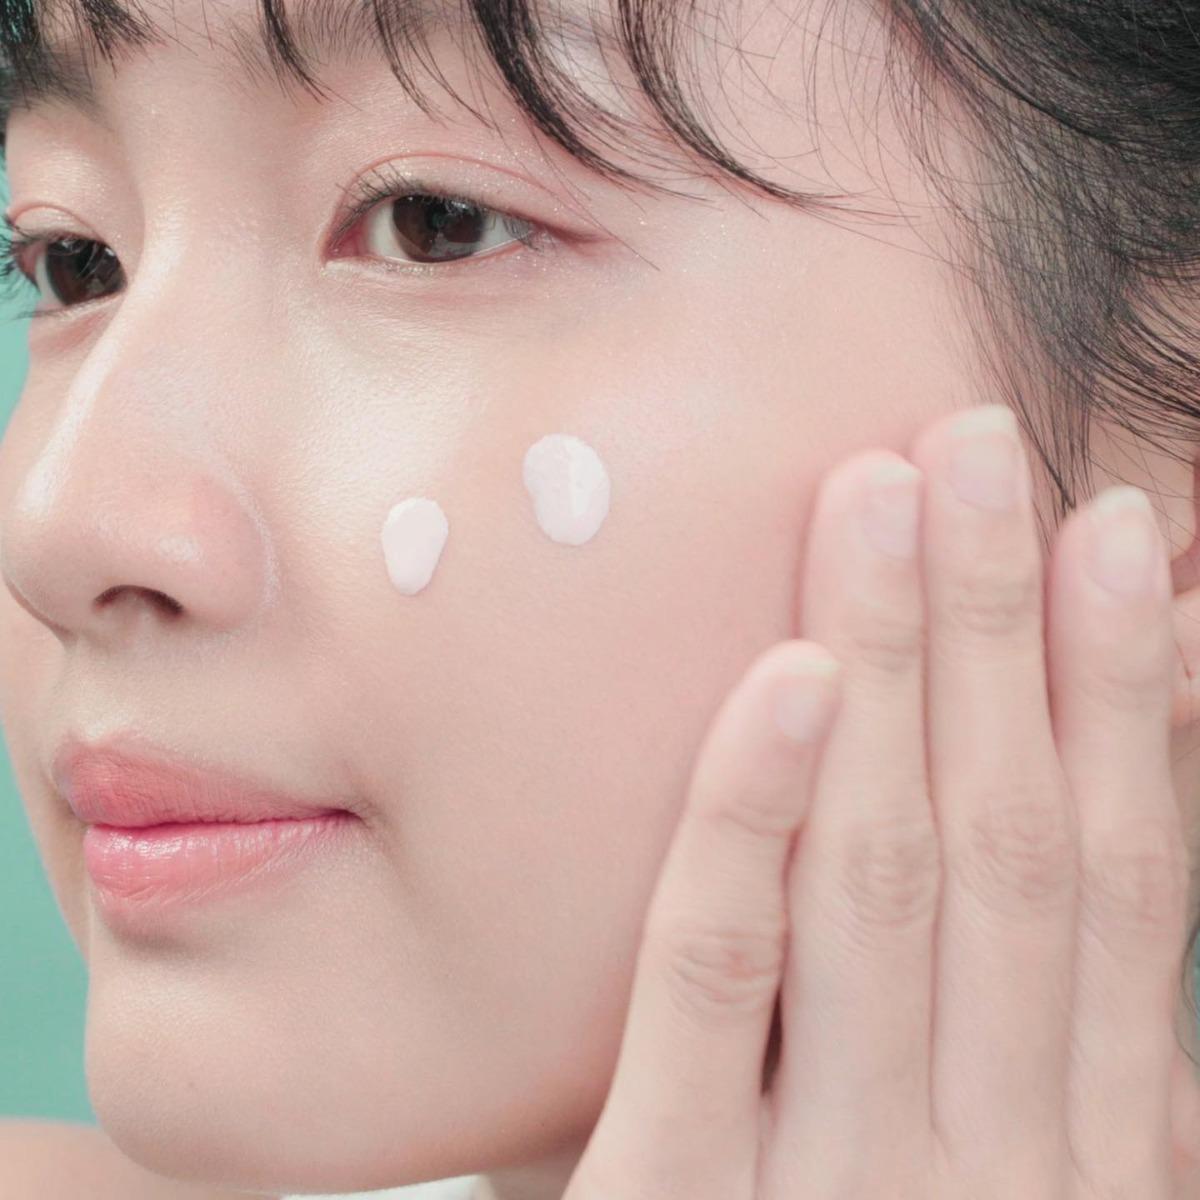 Kem Chống Nắng Caryophy Smart Sunscreen Tone Up SPF50+ PA+++ mang lại làn da sáng hồng rạng rỡ